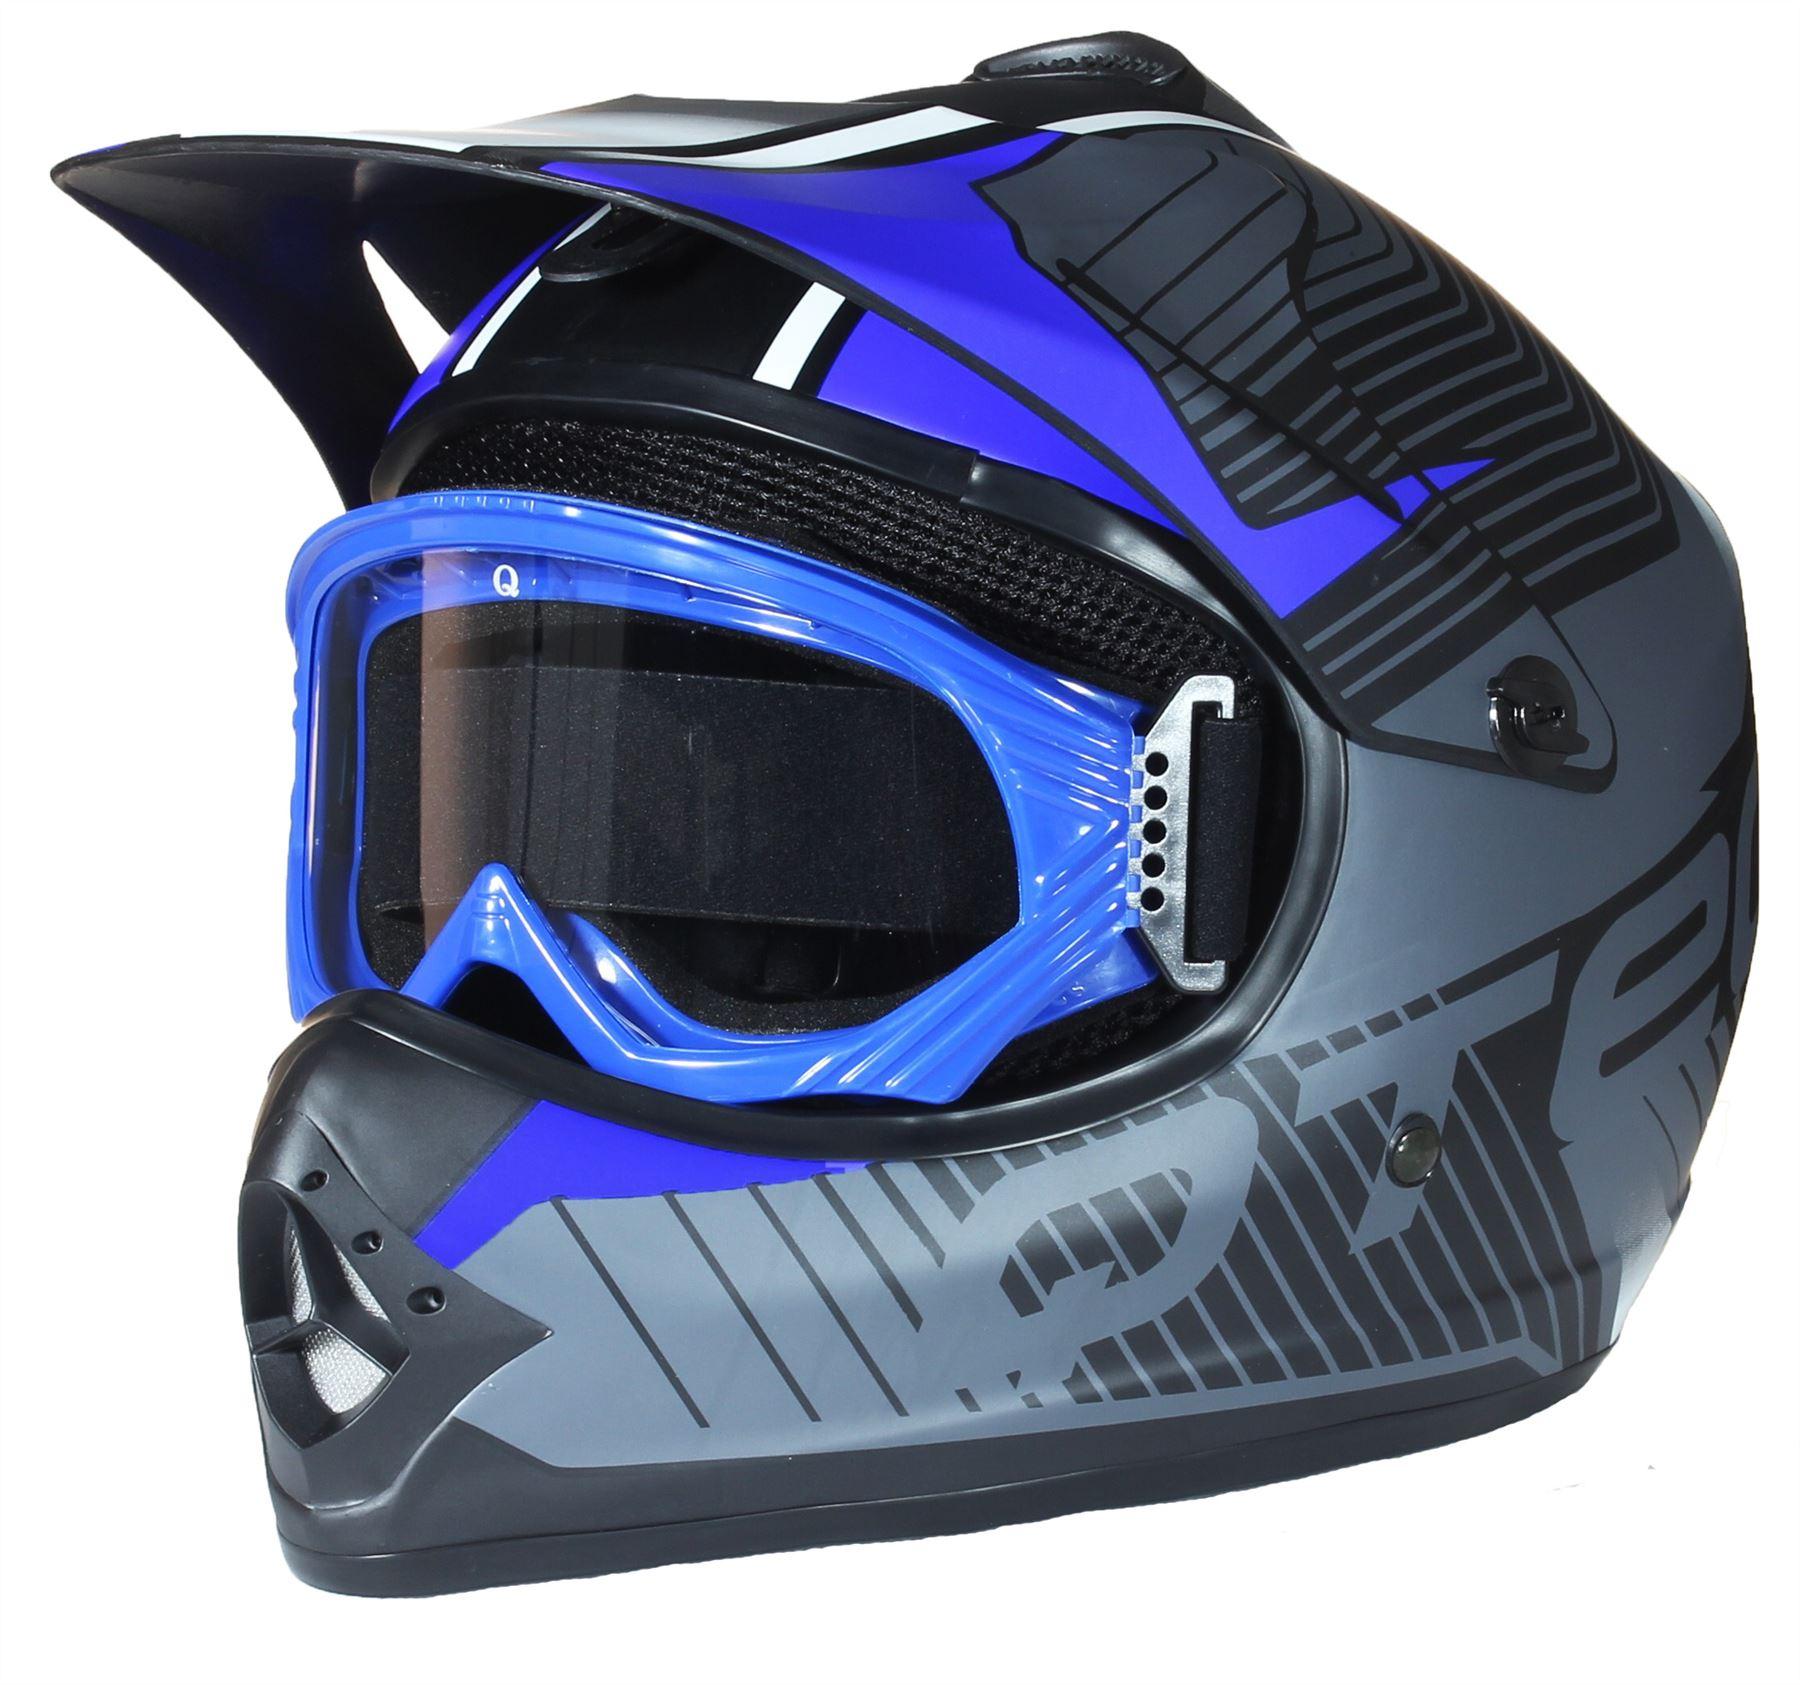 casque de moto pour enfant avec lunettes de protection. Black Bedroom Furniture Sets. Home Design Ideas